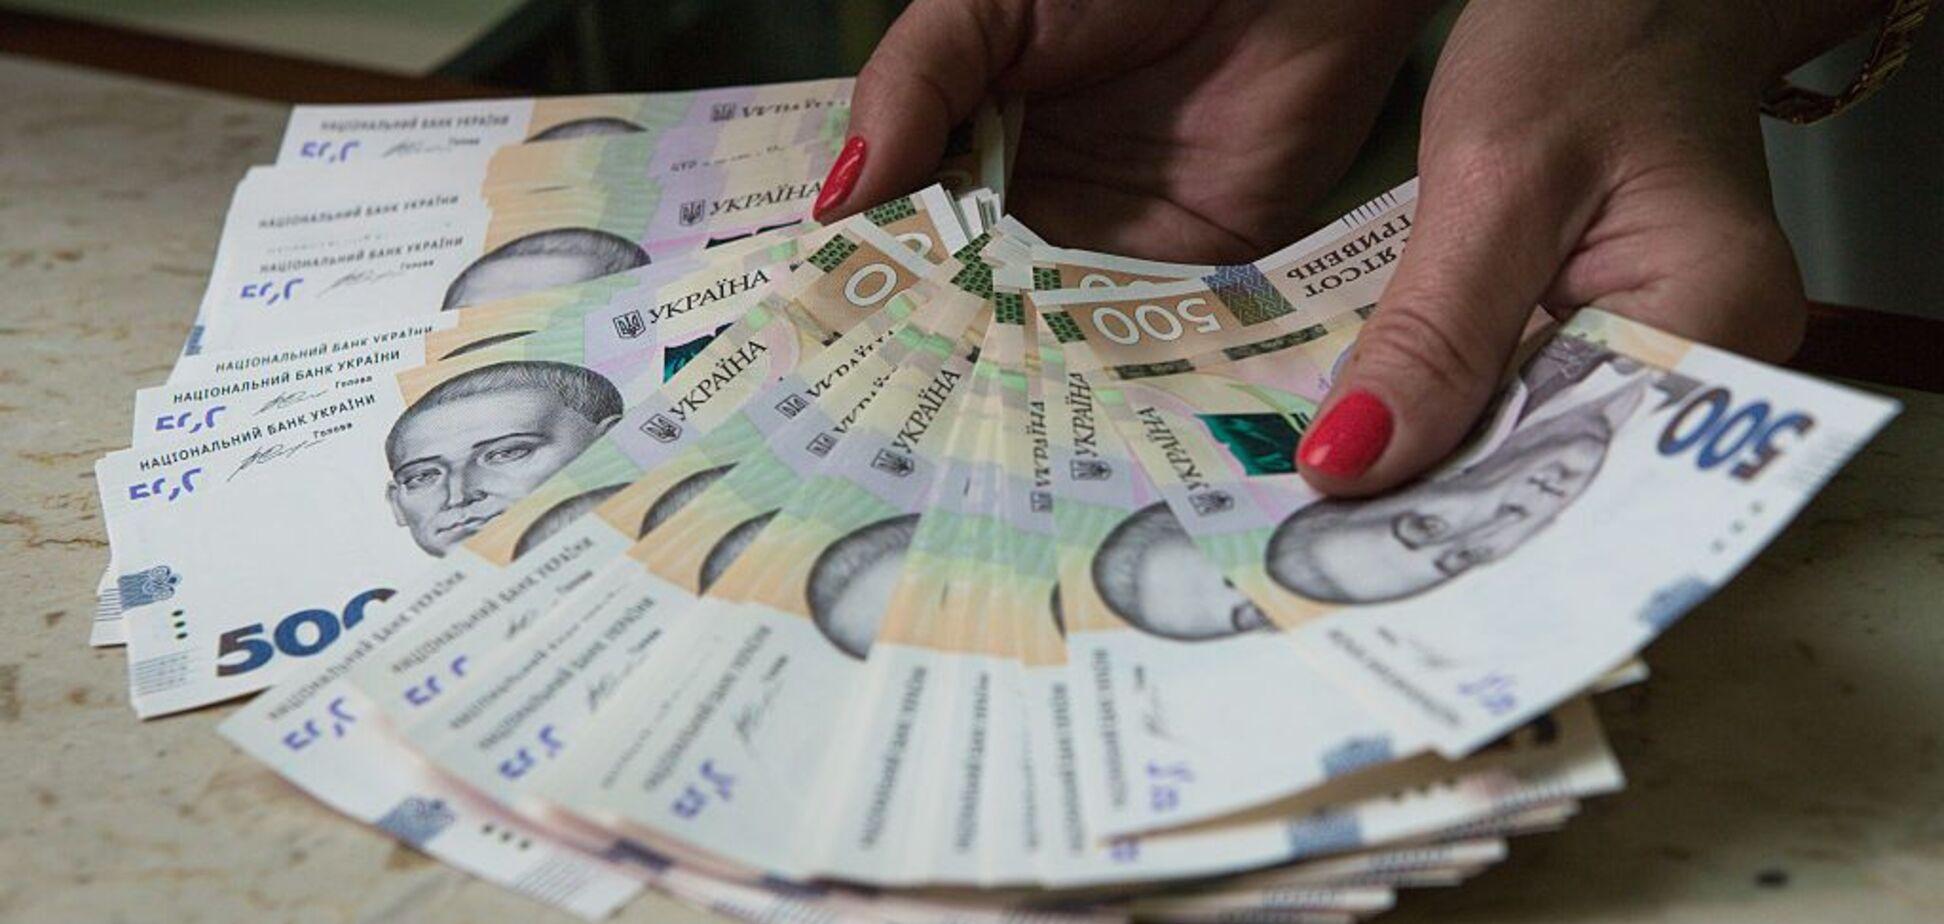 Середня зарплата зросте: скільки отримуватимуть українці у 2019 році